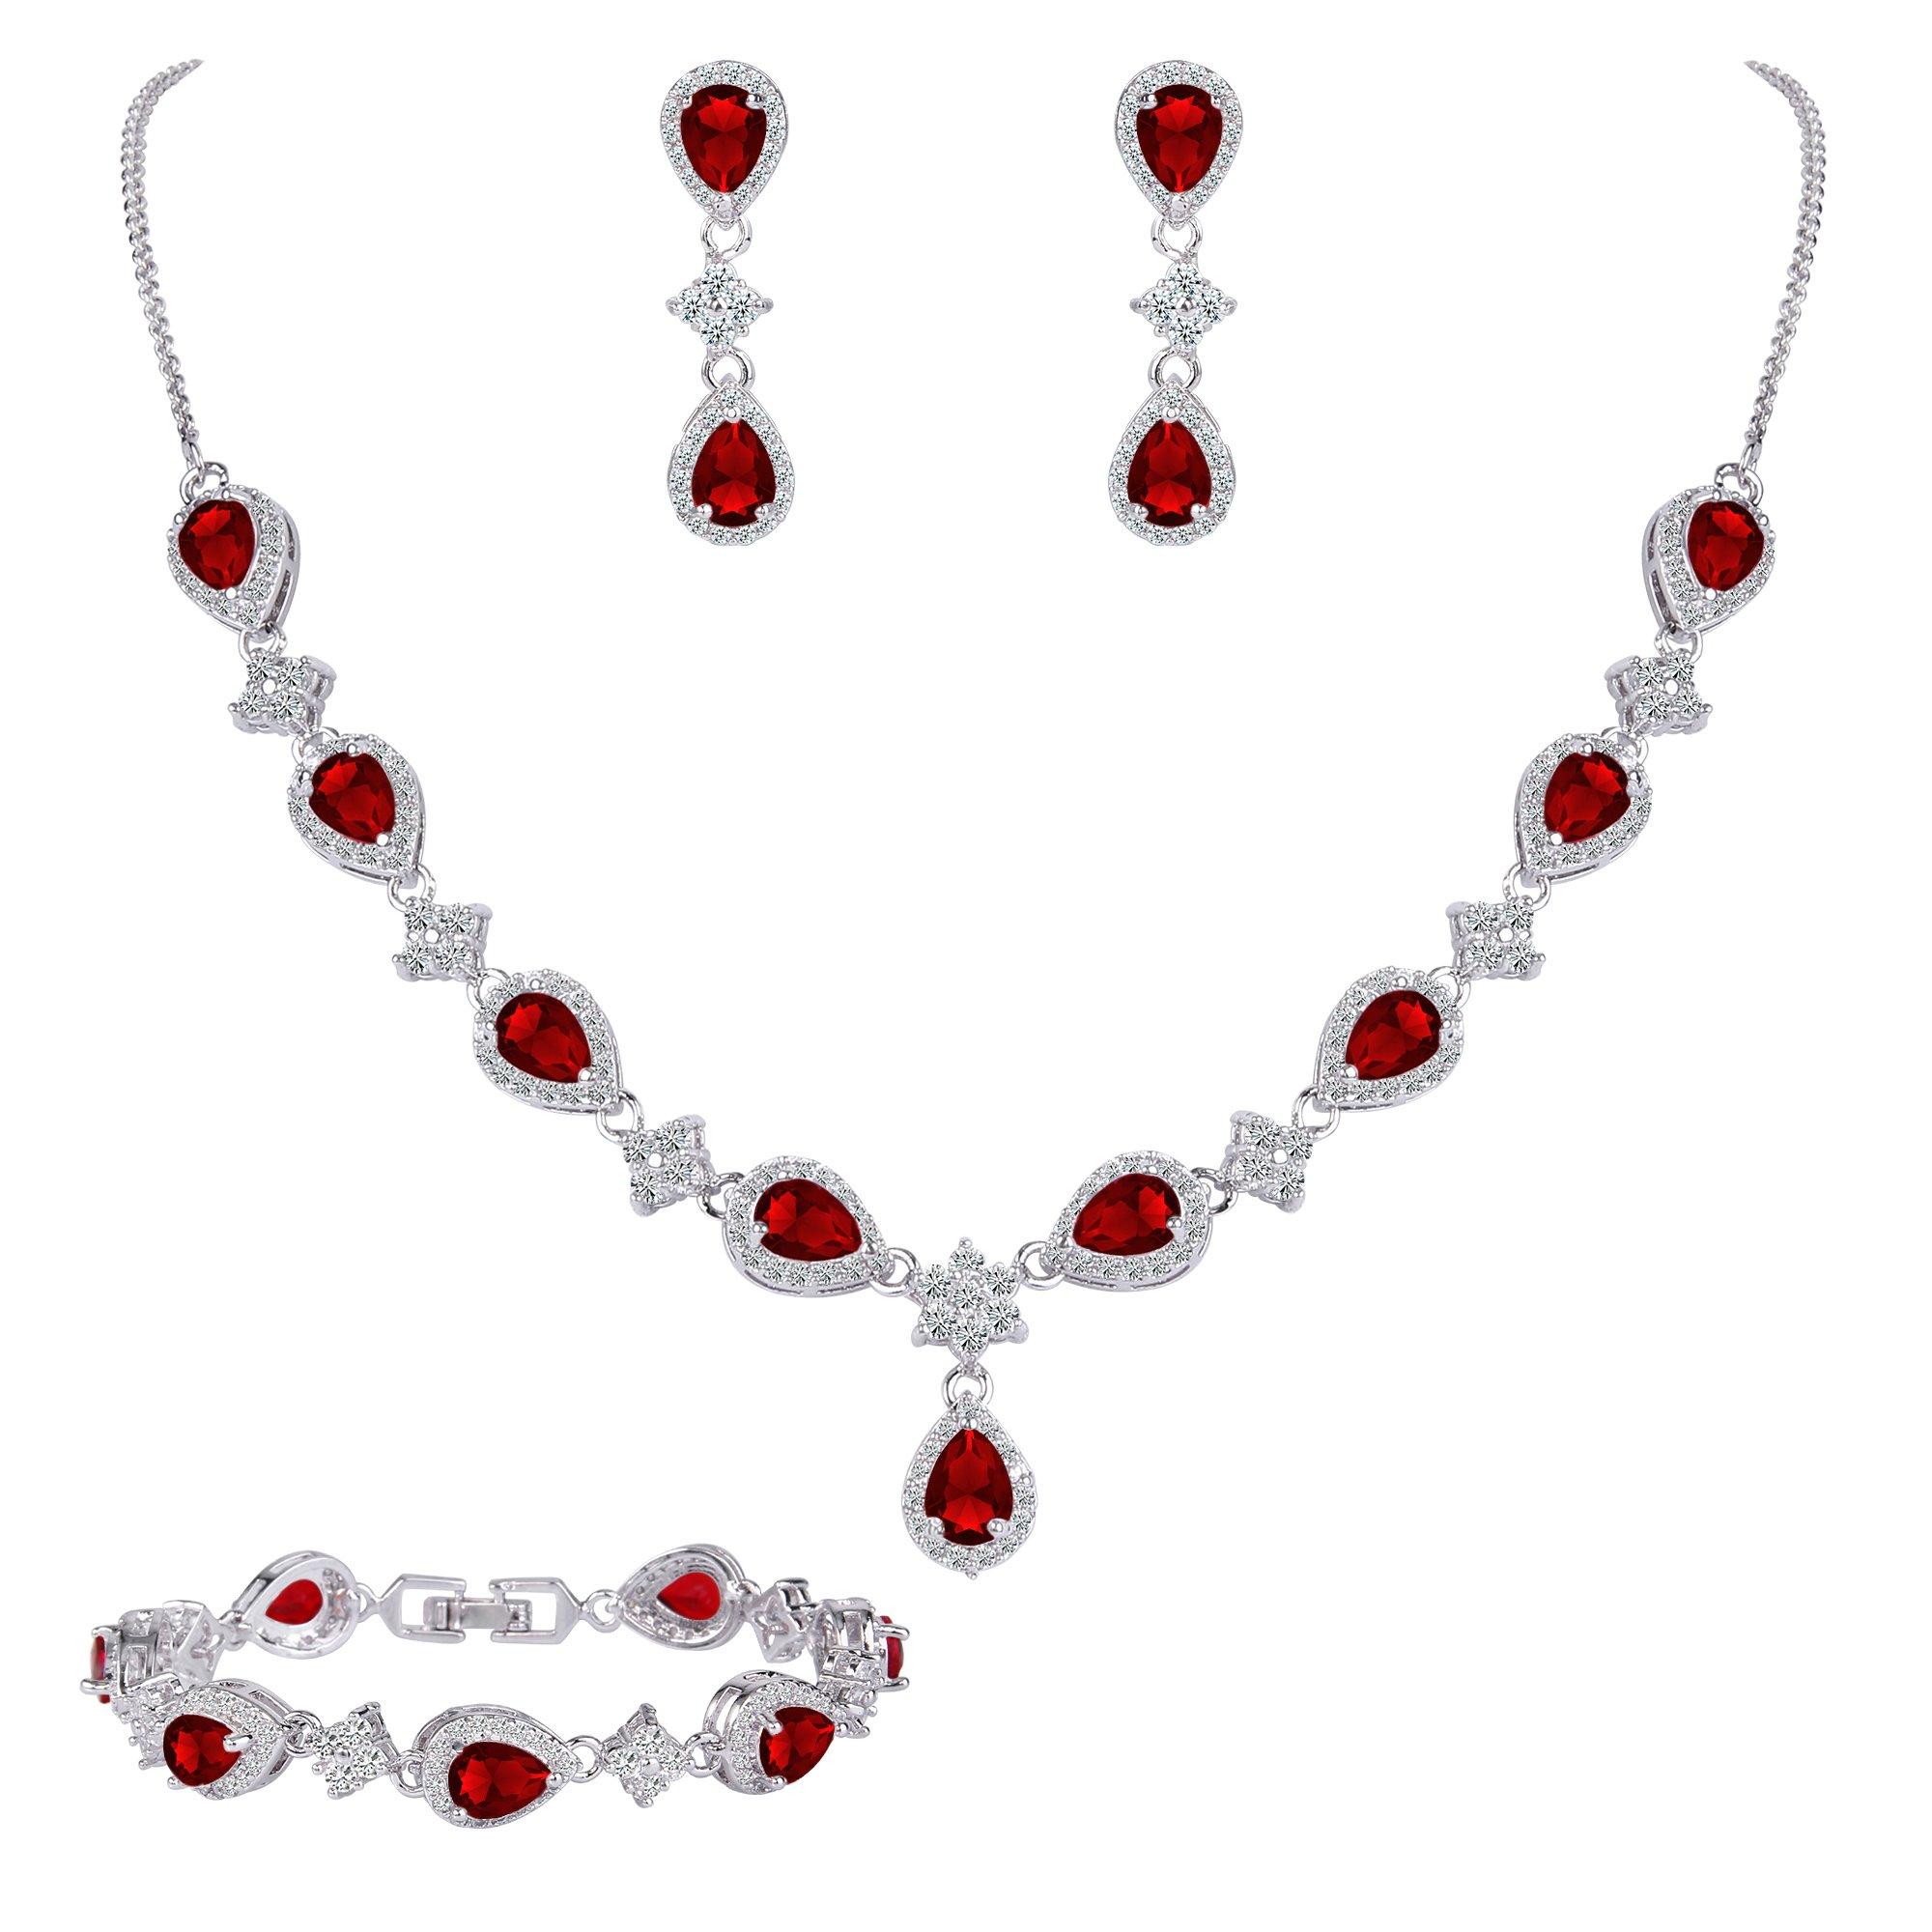 EleQueen Women's Silver-tone Cubic Zirconia Teardrop Flower Bridal V-Necklace Set Tennis Bracelet Dangle Earrings Ruby Color